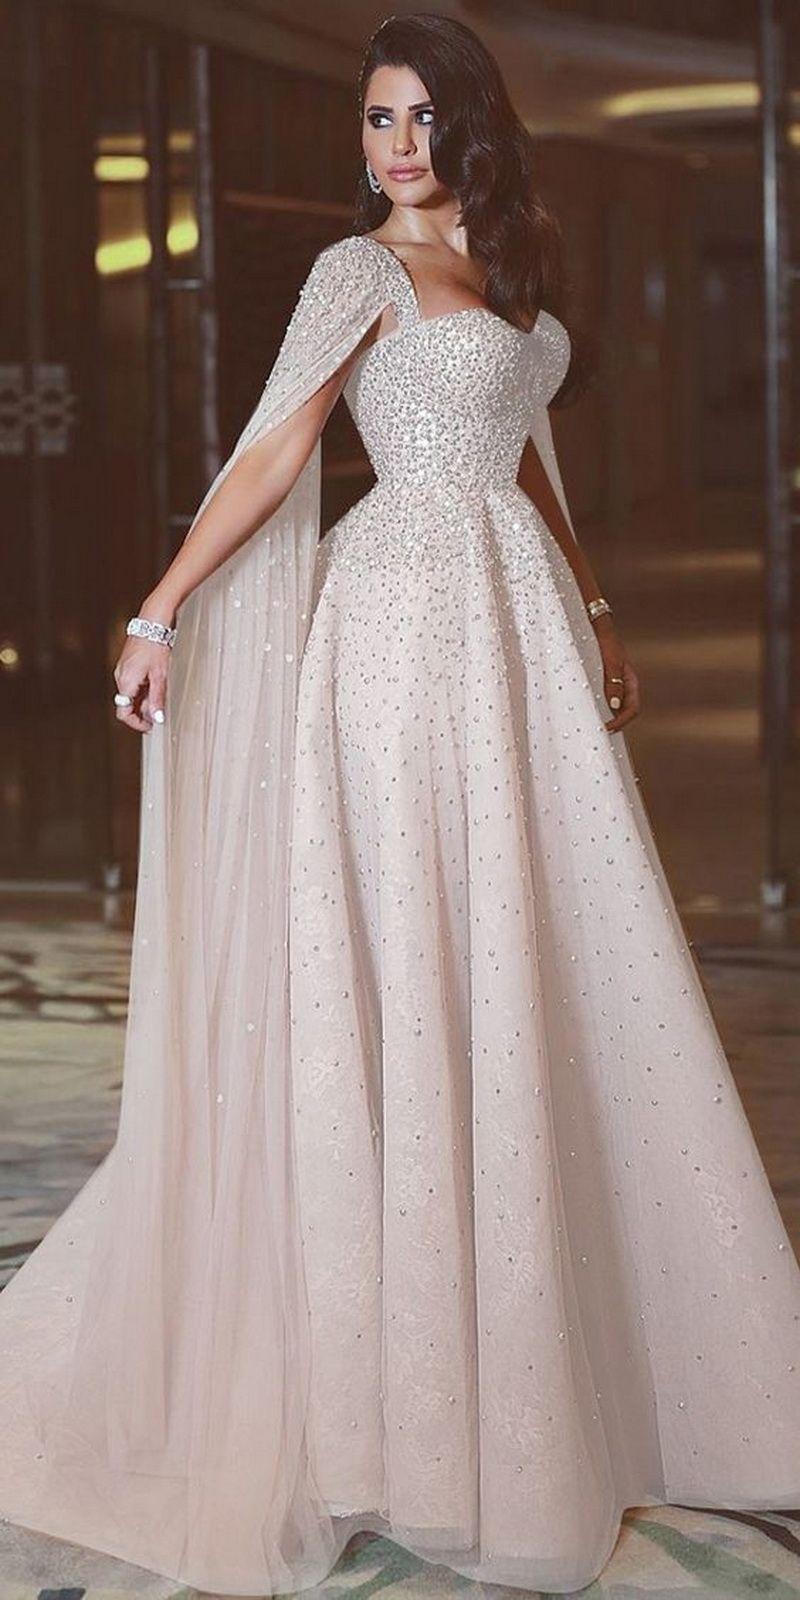 18 Gorgeous Girl Dresses for Prom Night  Abendkleid, Kleider